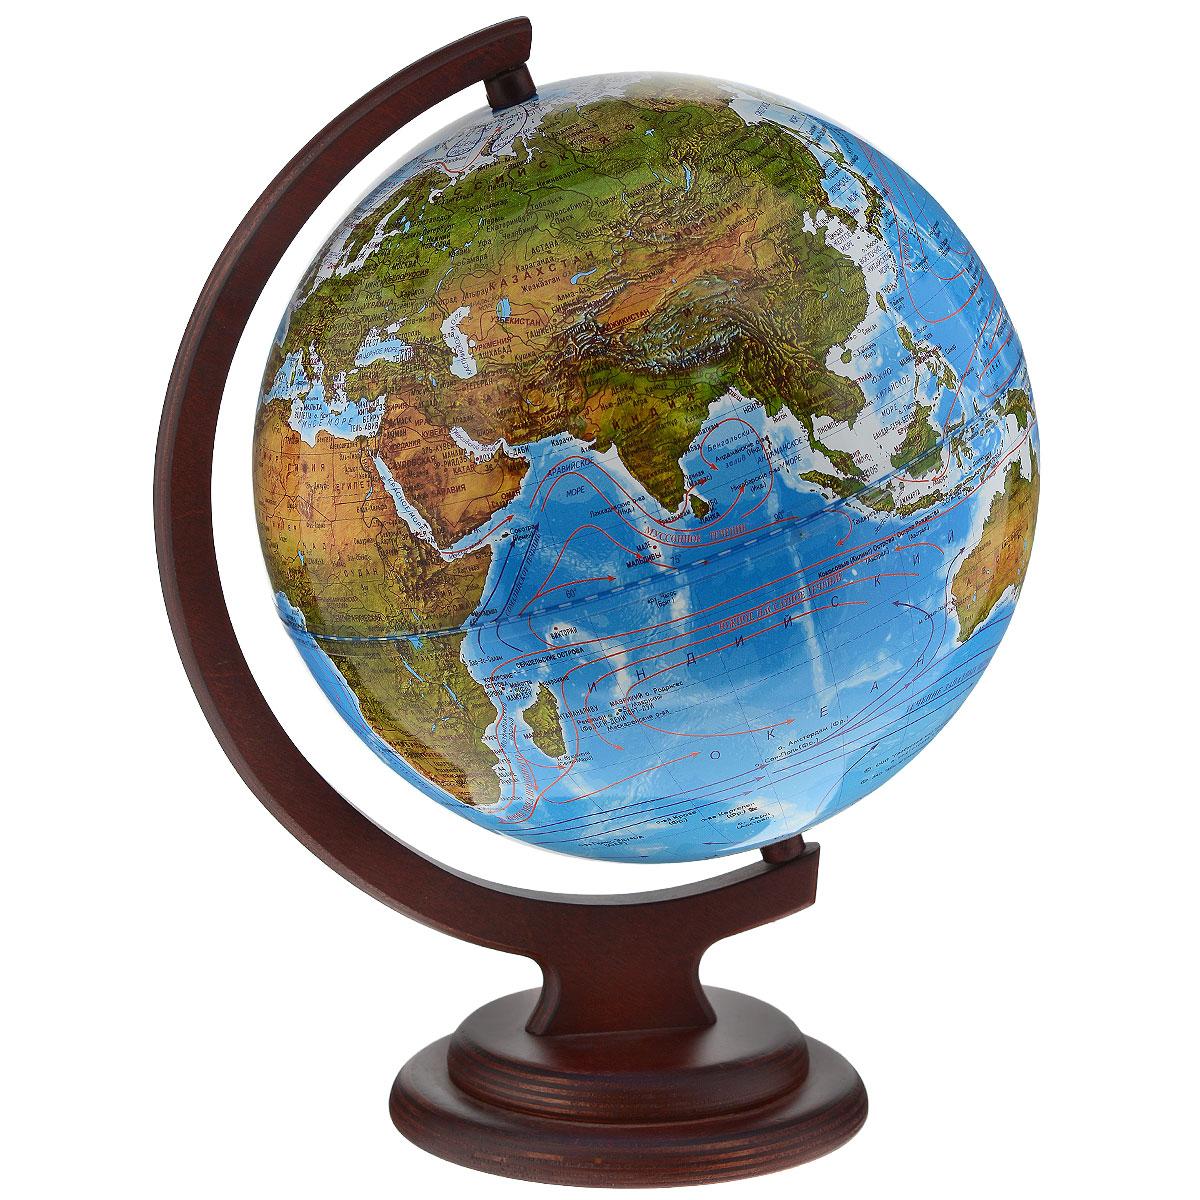 Глобусный мир Ландшафтный глобус, диаметр 25 см, на деревянной подставке10237Ландшафтный глобус Глобусный мир, изготовленный из высококачественного прочного пластика. Данная модель предназначена для ознакомления с особенностями ландшафта нашей планеты. Помимо этого ландшафтный глобус обладает приятной цветовой гаммой. Глобус дает представление о местоположении материков и океанов, на нем можно рассмотреть особенности ландшафта нашей планеты (рельефы местности, леса, горы, реки, моря, структуру дна океанов, рельеф суши), можно увидеть графическое изображение географических меридианов и параллелей, гидрографическая сеть, а также крупнейшие населенные пункты. На глобусе имеются направления и названия подводных течений. Названия стран на глобусе приведены на русской язык. Изделие расположено на красивой деревянной подставке, что придает этой модели подарочный вид. Настольный глобус Глобусный мир станет оригинальным украшением рабочего стола или вашего кабинета. Это изысканная вещь для стильного интерьера, которая станет прекрасным...